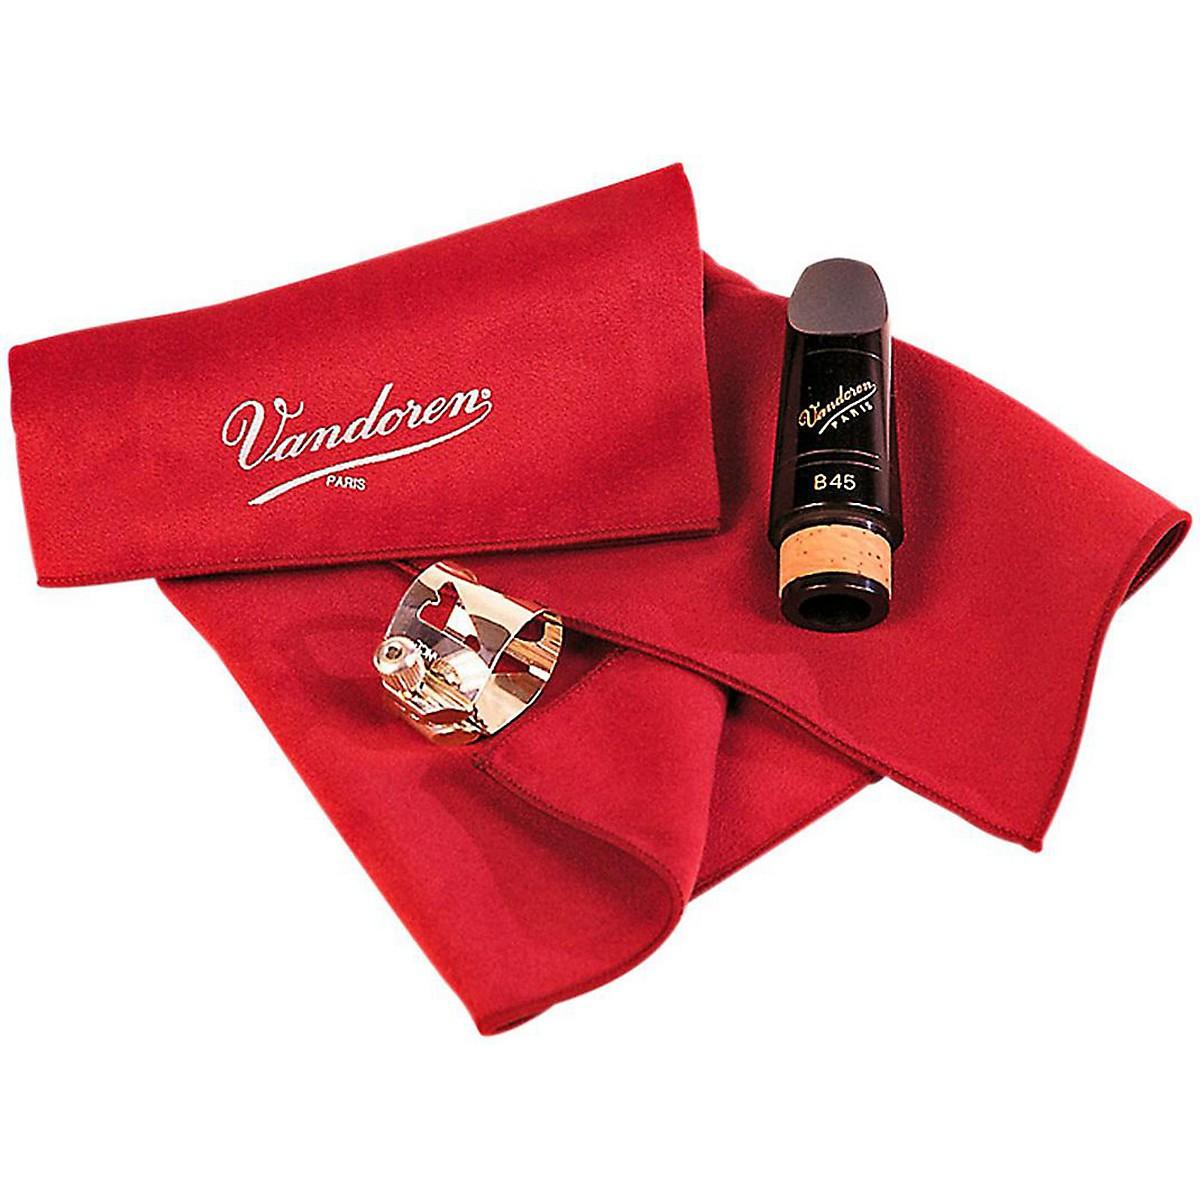 Vandoren Microfiber Cleaning Cloth